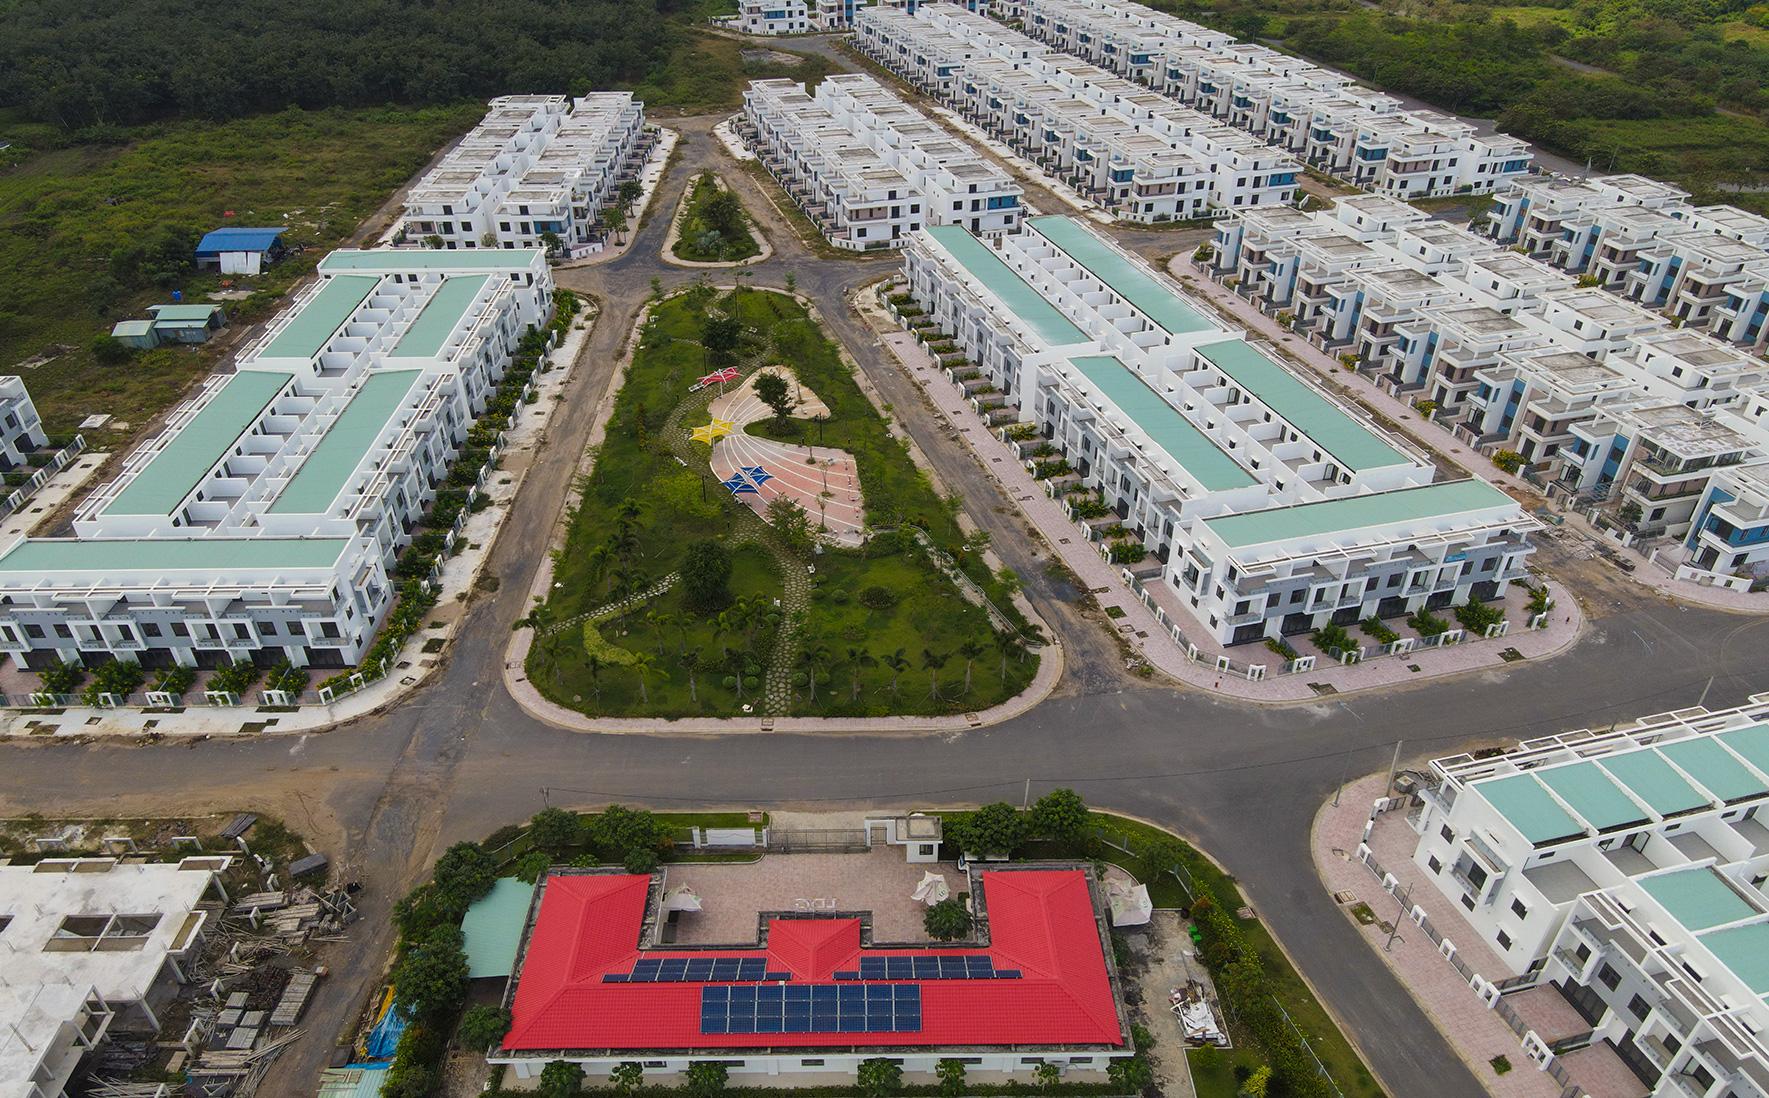 Cận cảnh dự án heo hút của hàng trăm căn nhà xây dựng trái phép, được quảng cáo là đô thị thông minh đầu tiên tại Việt Nam